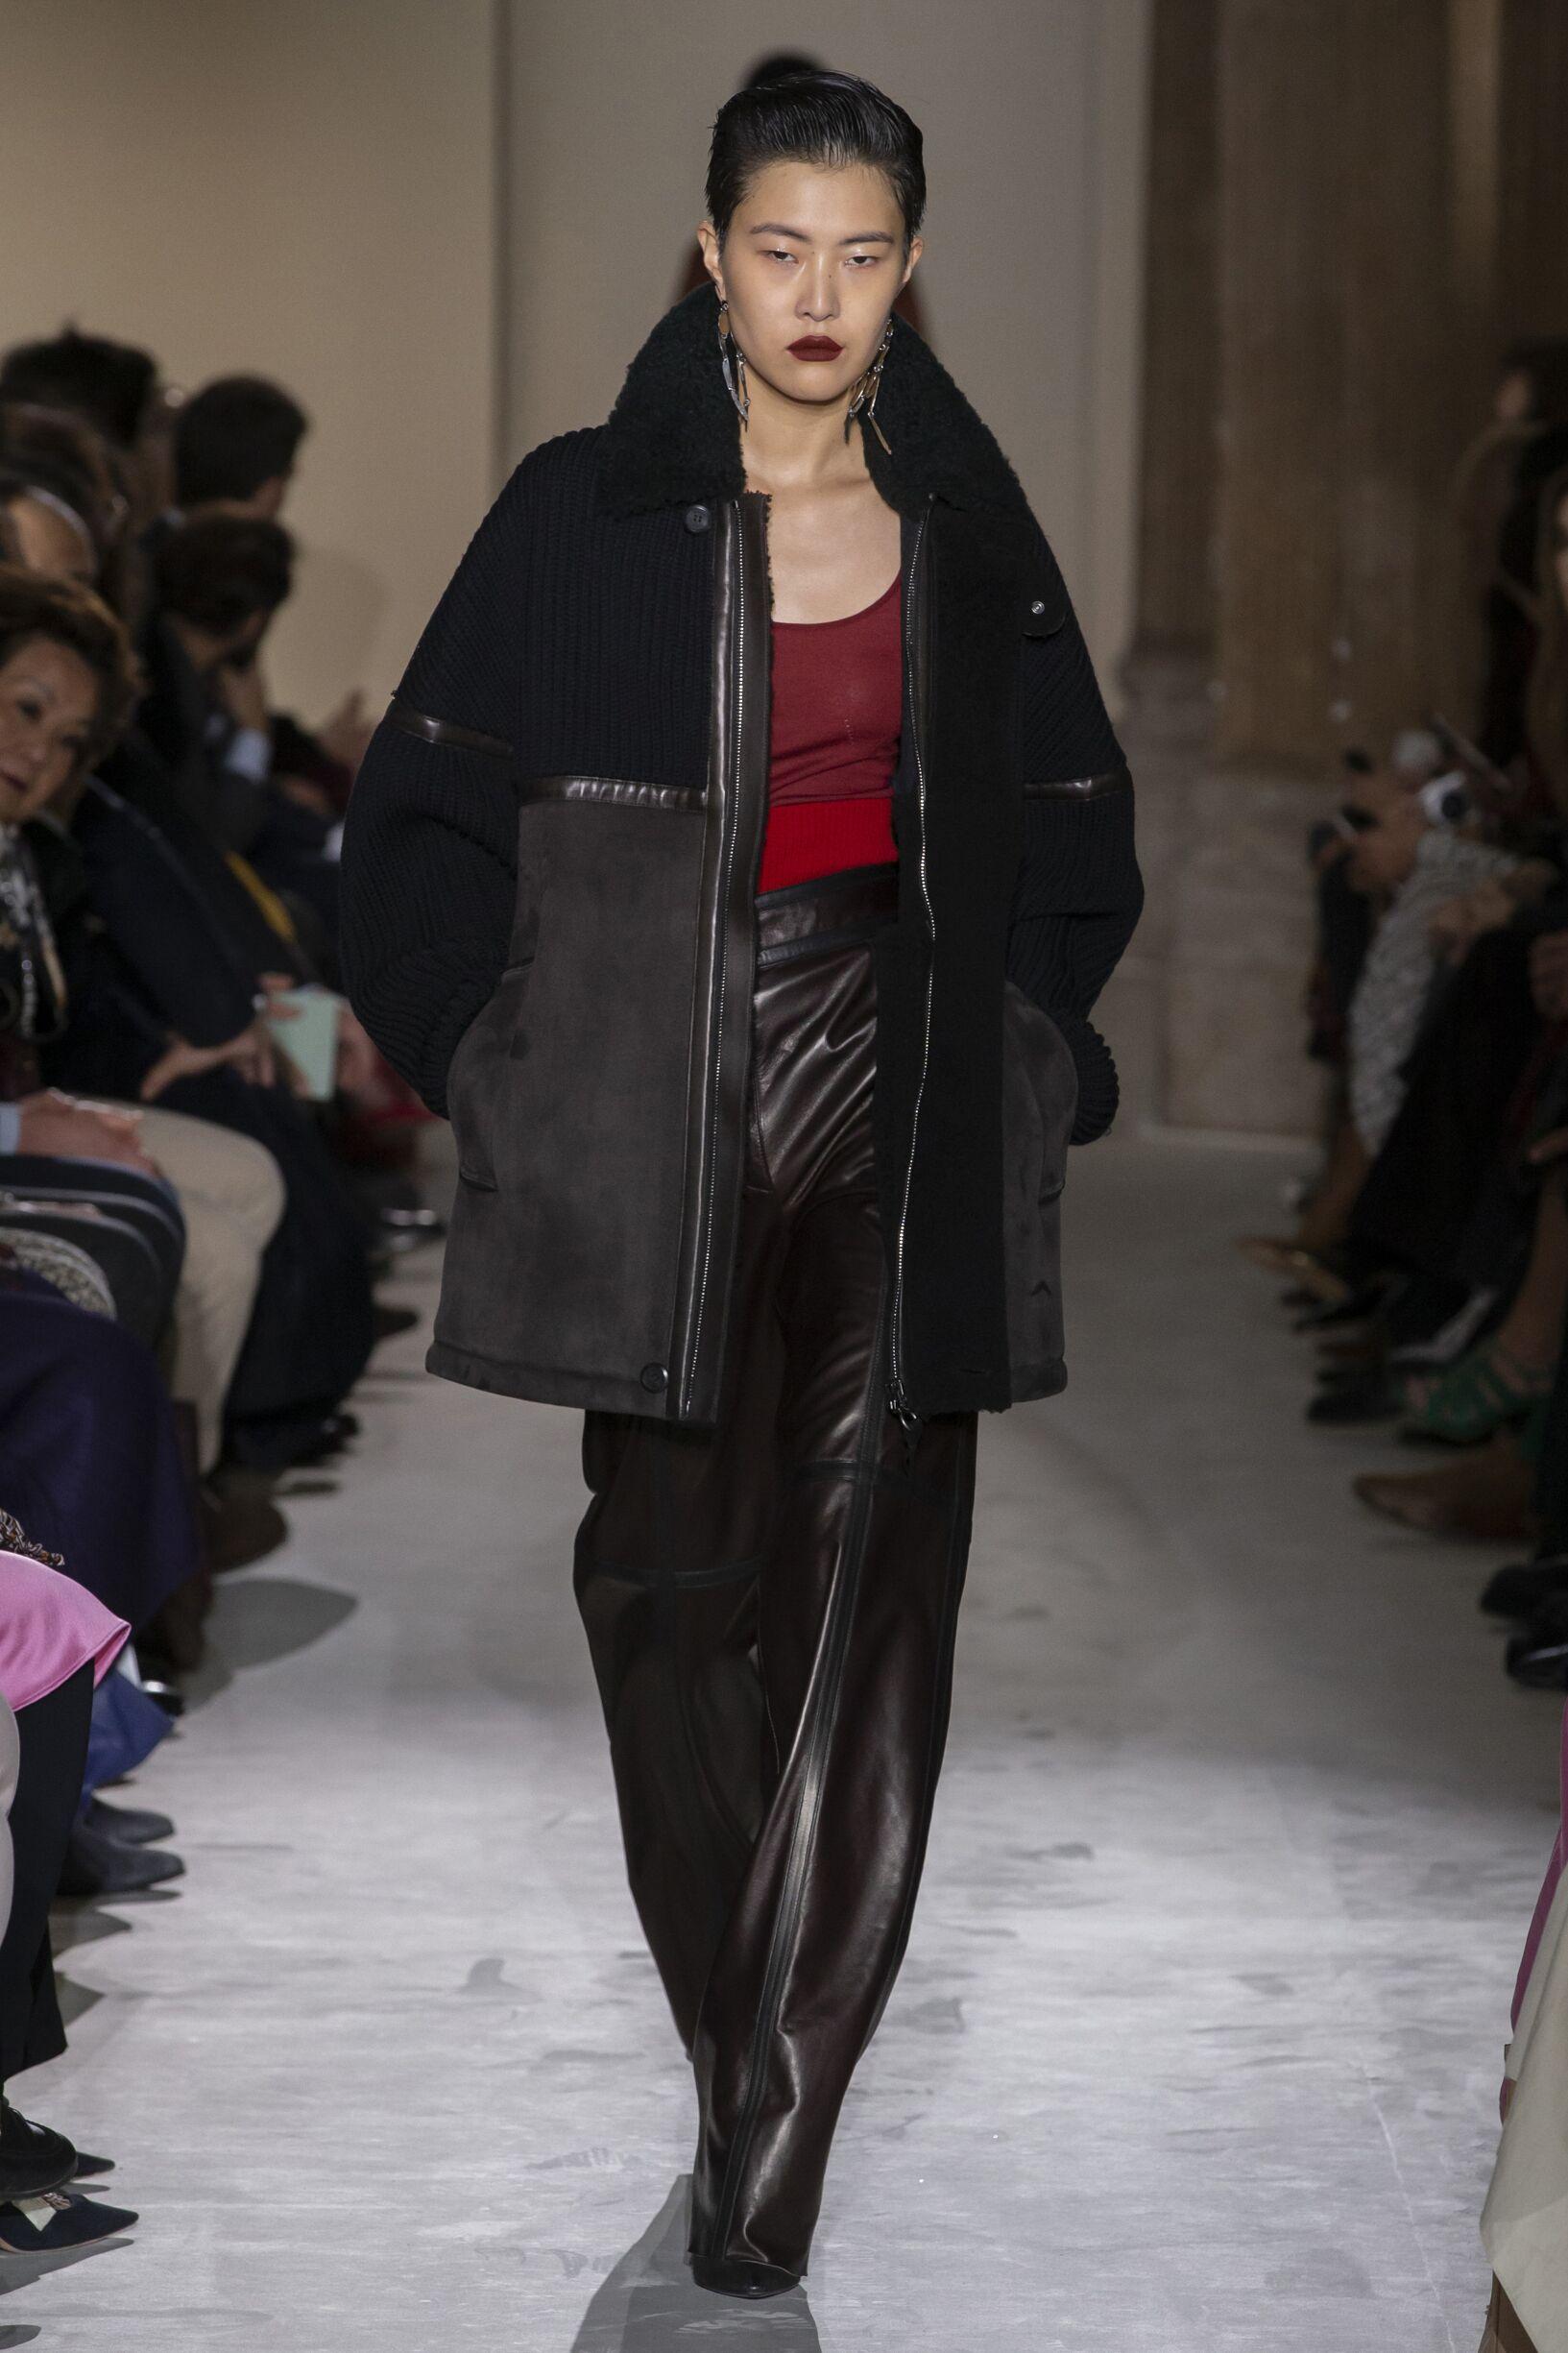 2019 Catwalk Salvatore Ferragamo Woman Fashion Show Winter